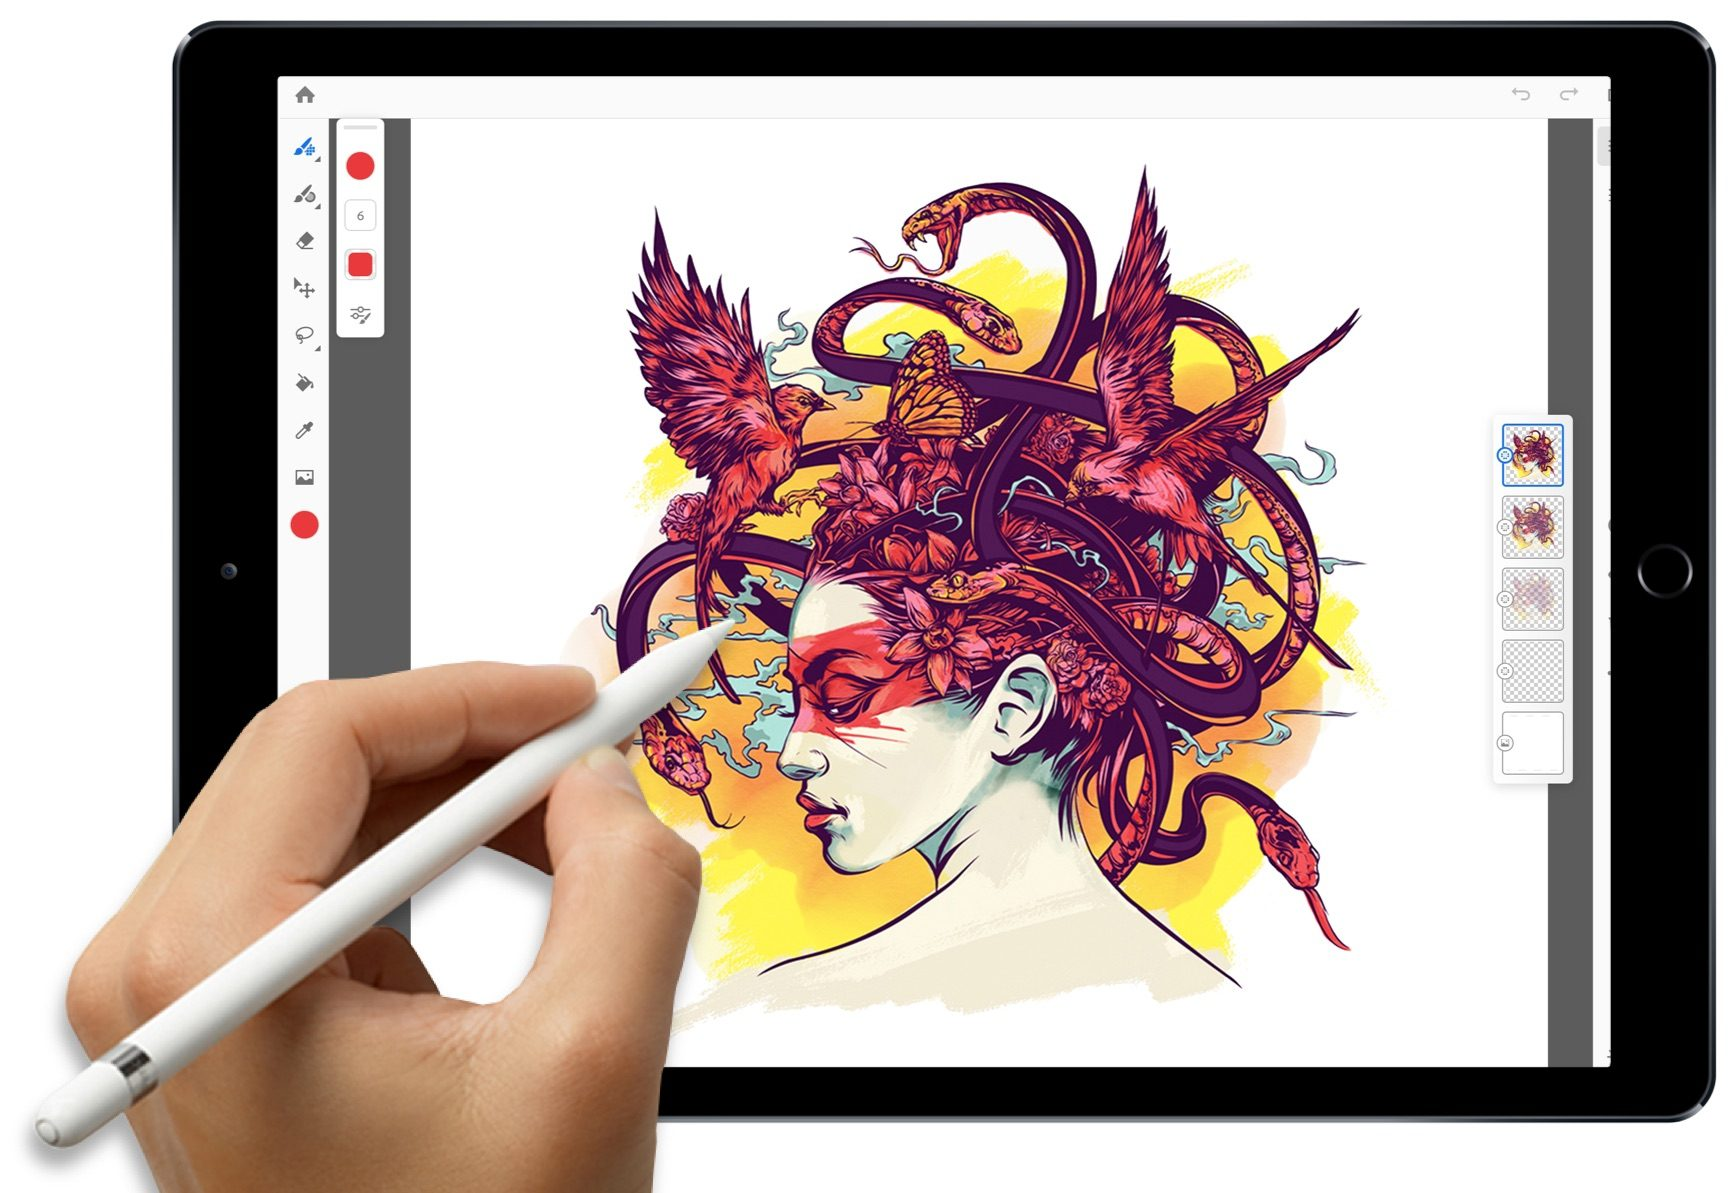 Adobe Photoshop CC přichází ve své plnohodnotné verzi pro iPady